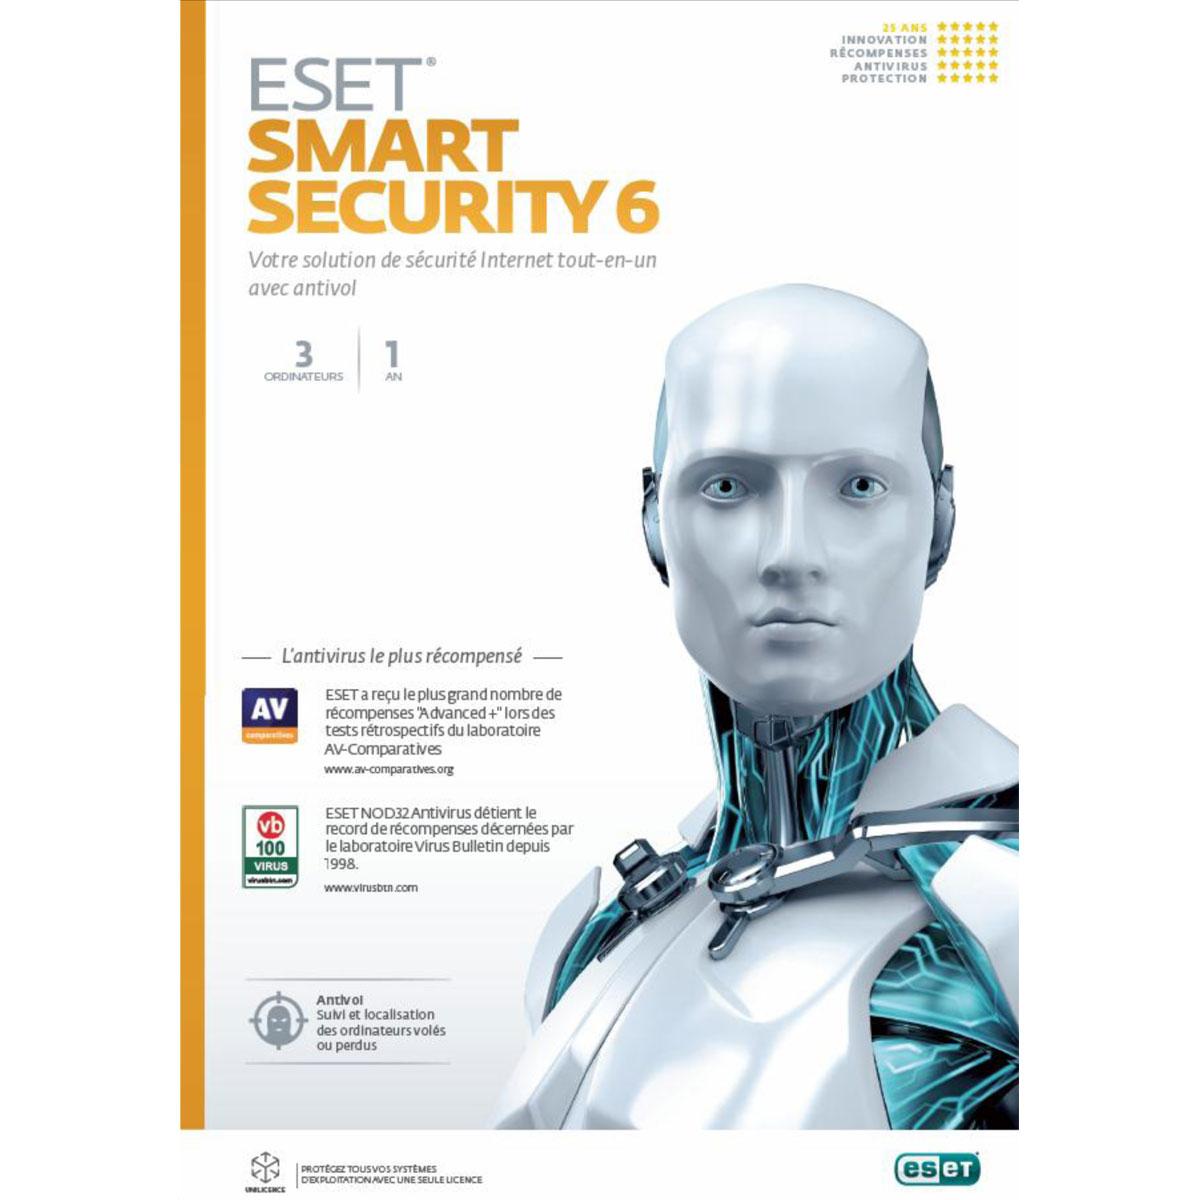 Logiciel antivirus ESET Smart Security 6 - Licence 1 an 3 postes (français, WINDOWS) Suite de sécurité complète - Licence 1 an 3 postes (français, WINDOWS)